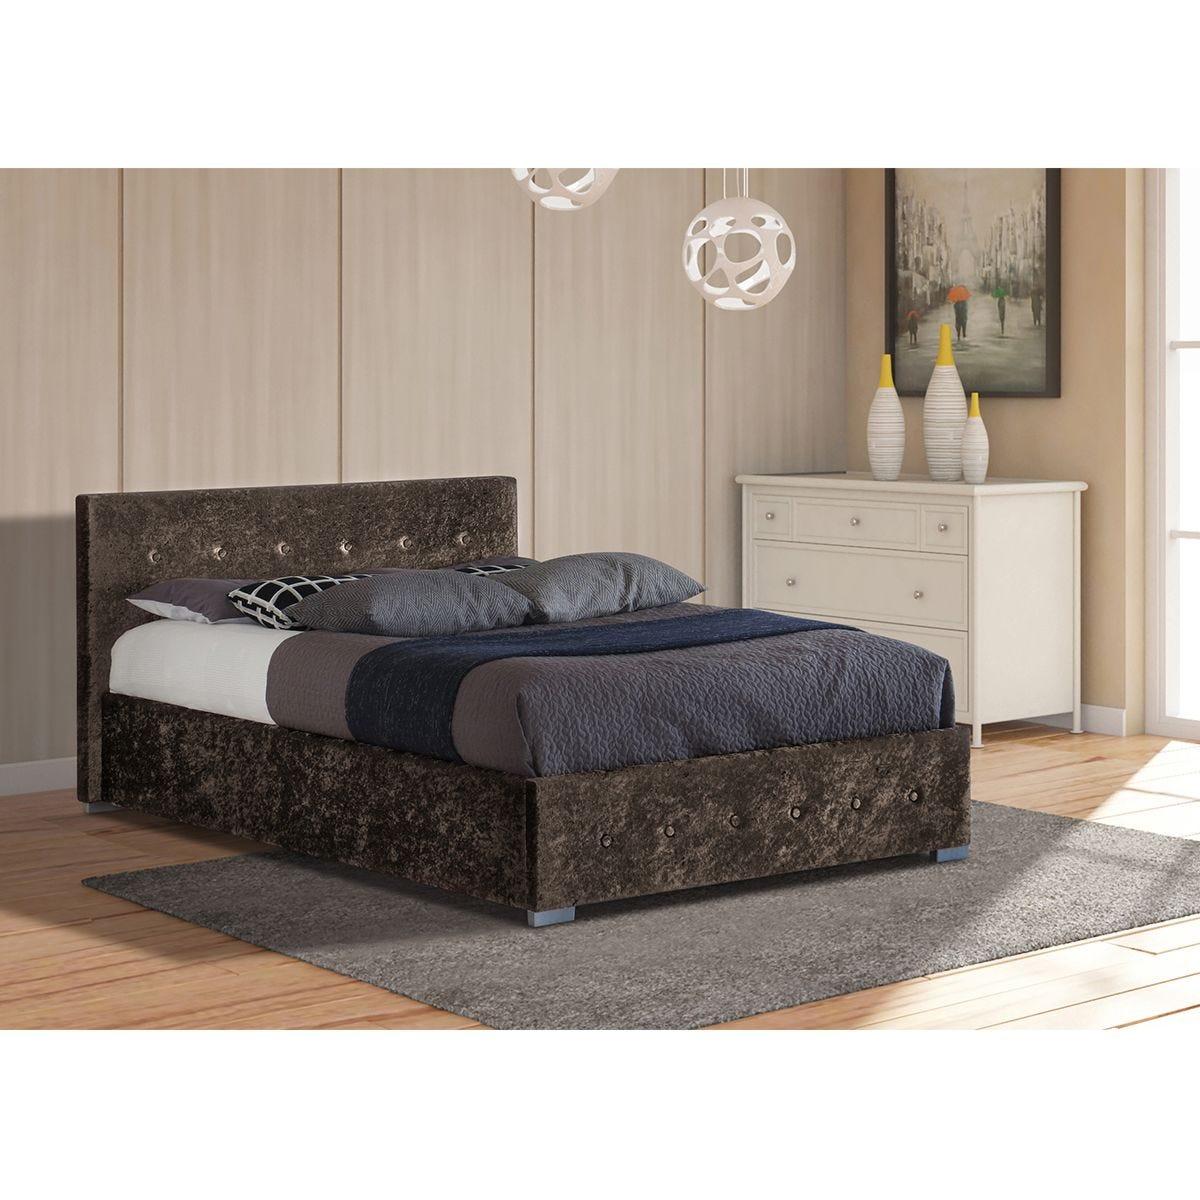 Albie Ottoman Storage Bed - Brown